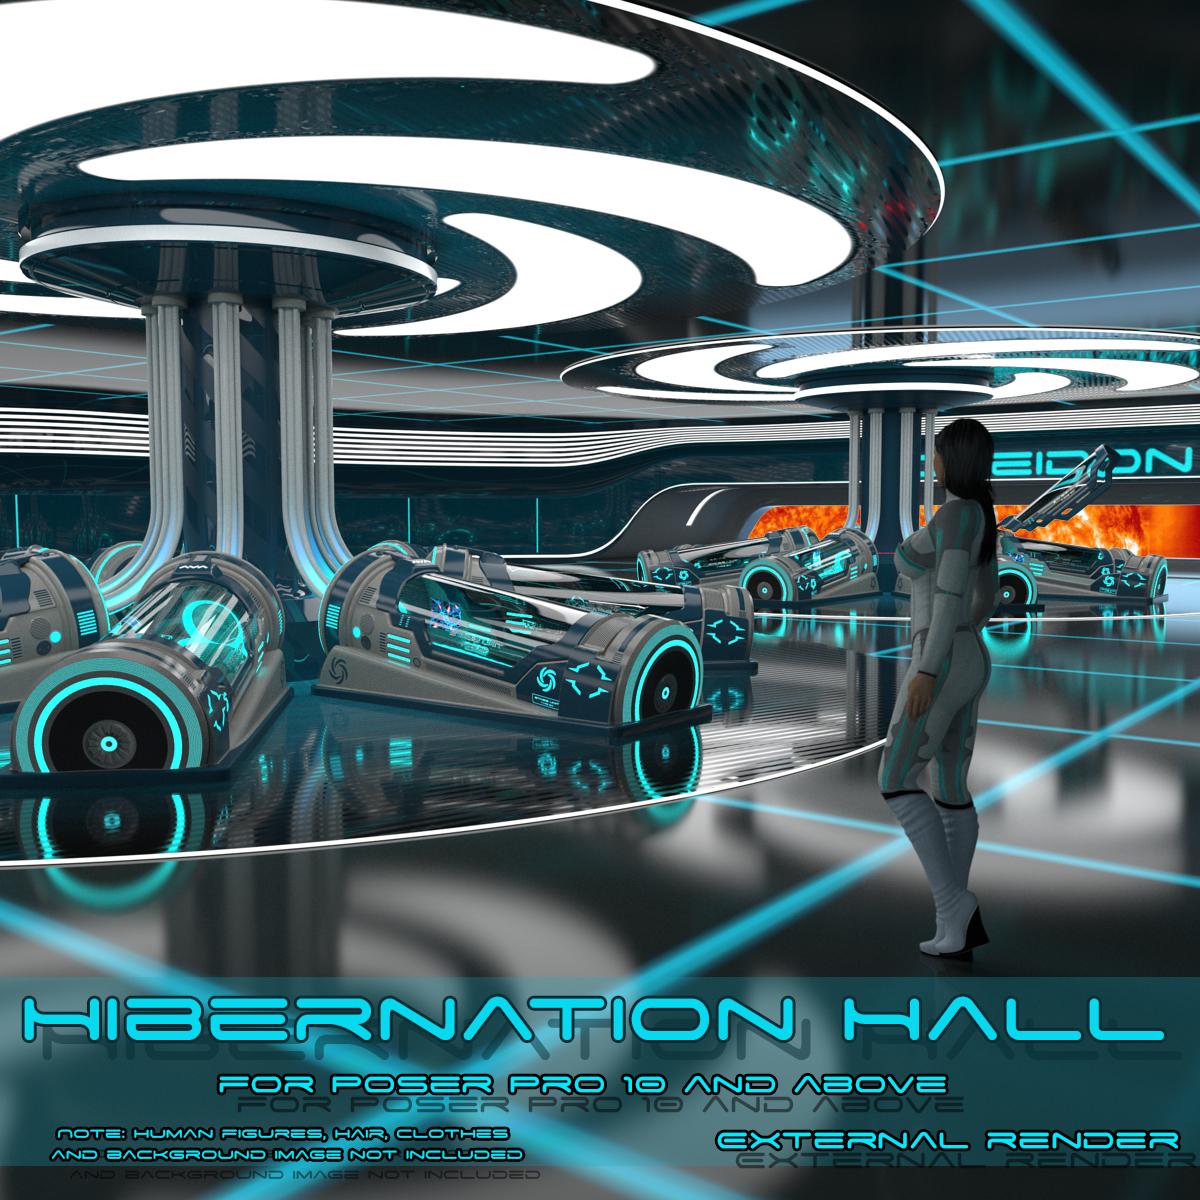 AJ Hibernation Hall